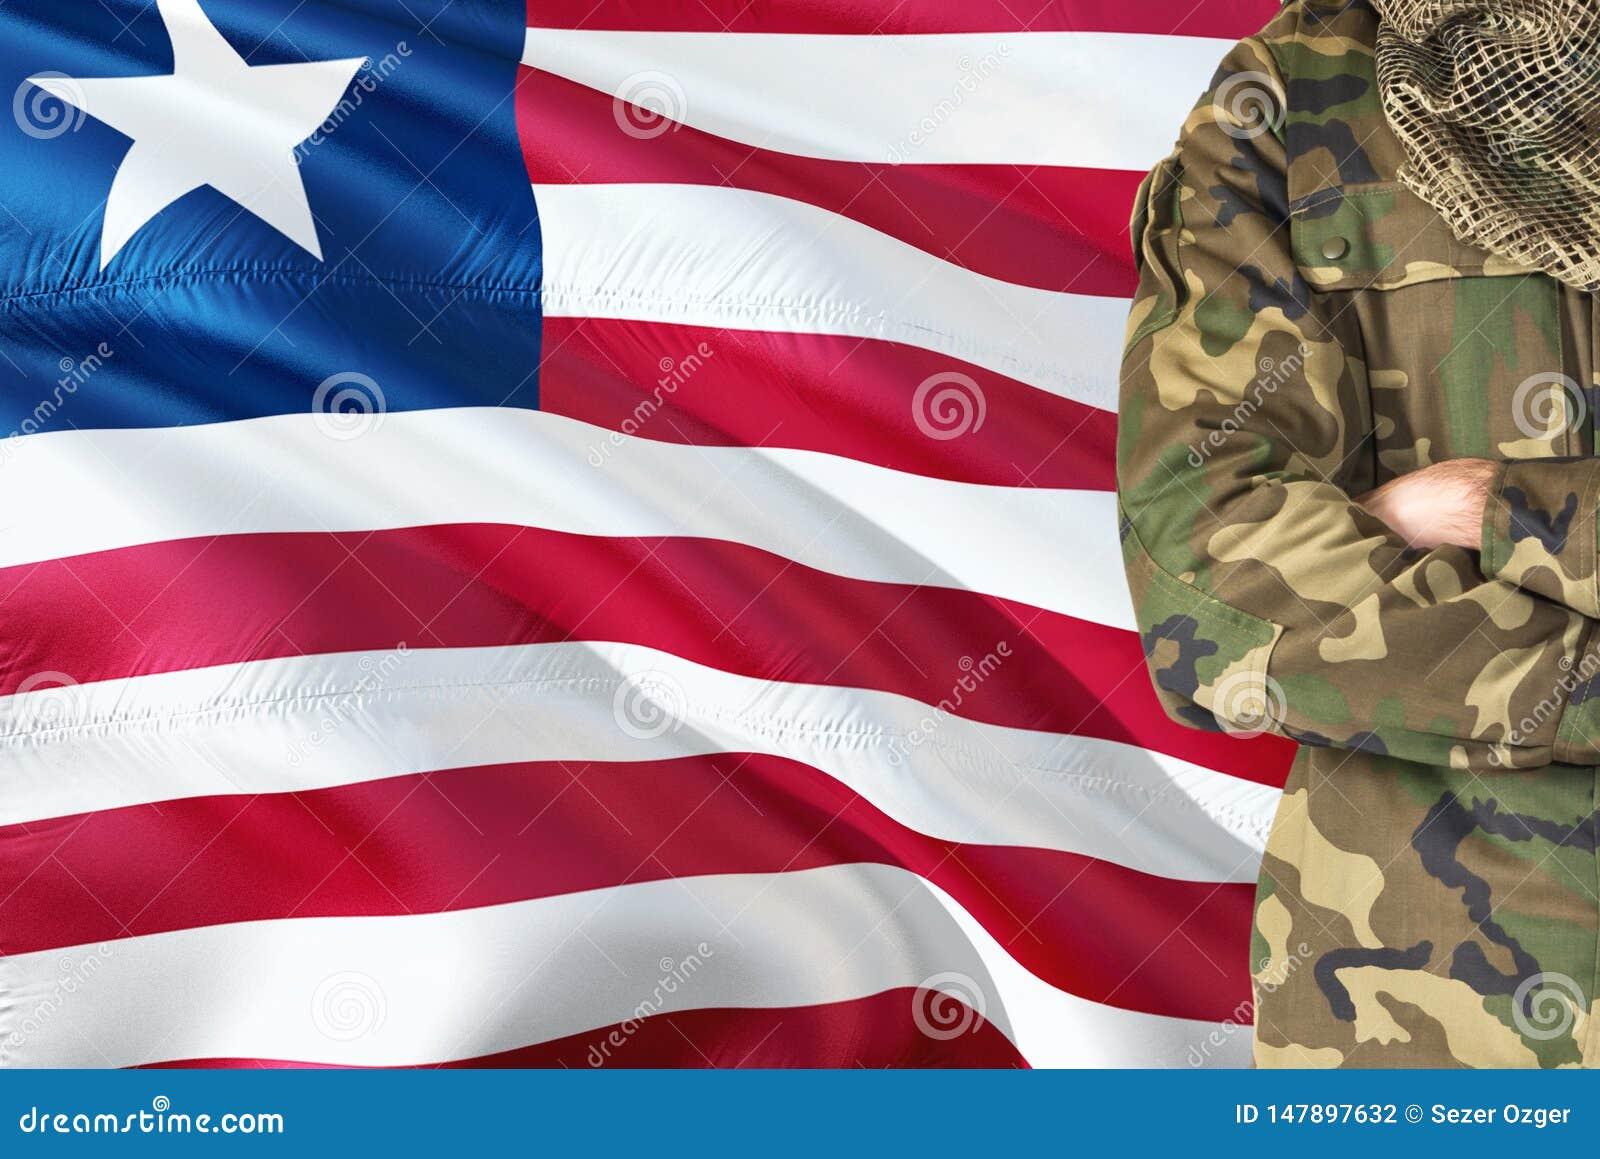 Soldado liberiano cruzado dos braços com a bandeira de ondulação nacional no fundo - tema militar de Libéria